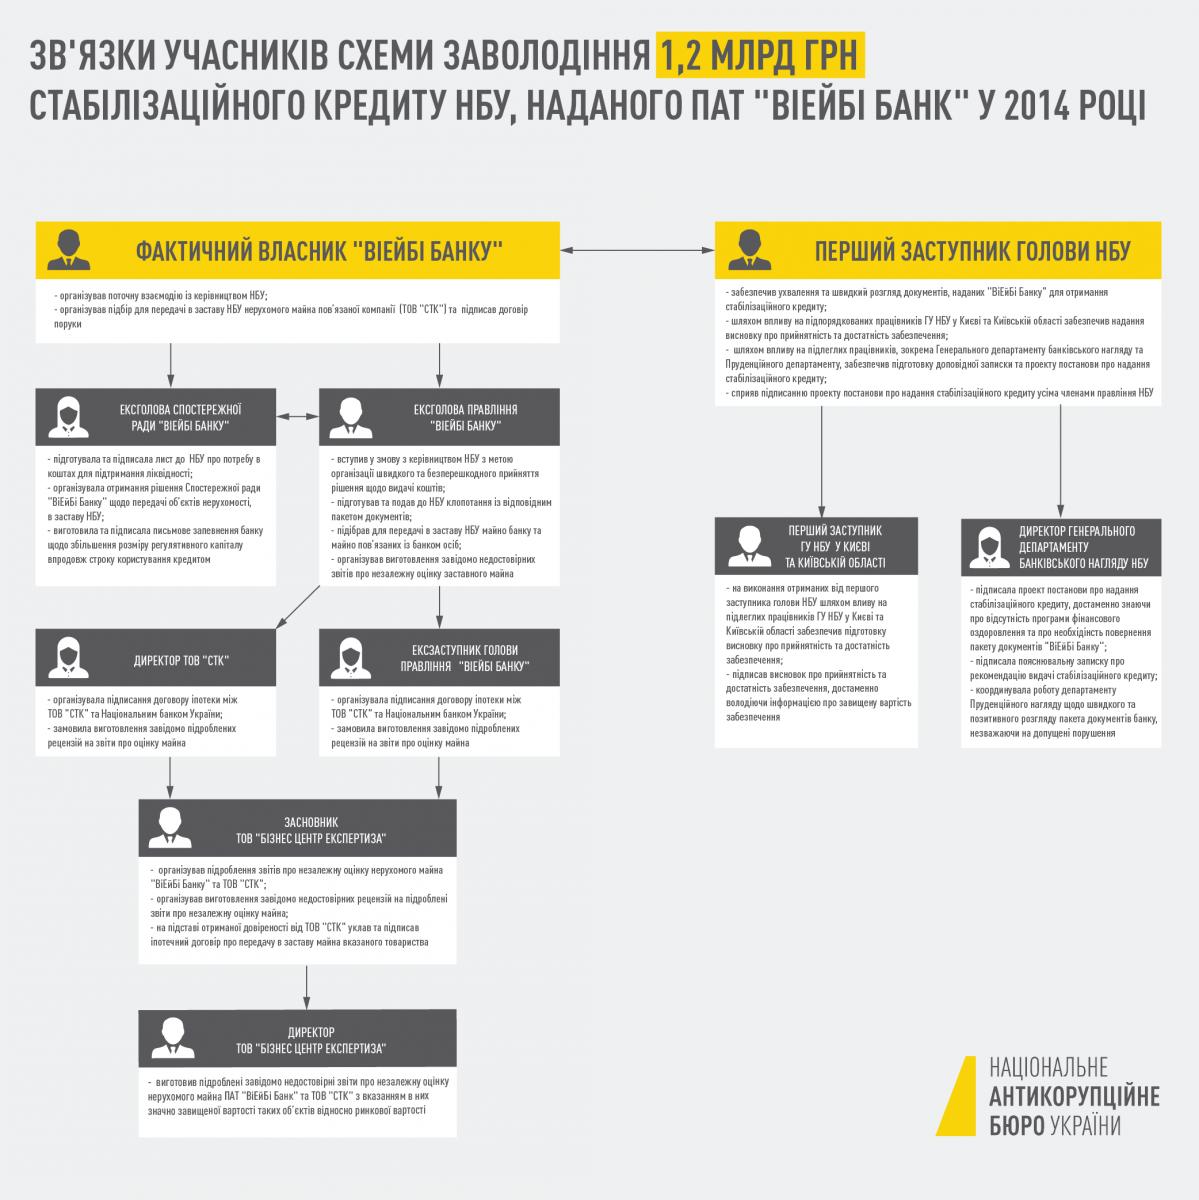 Схема розкрадання стабілізаційного кредиту VAB банку